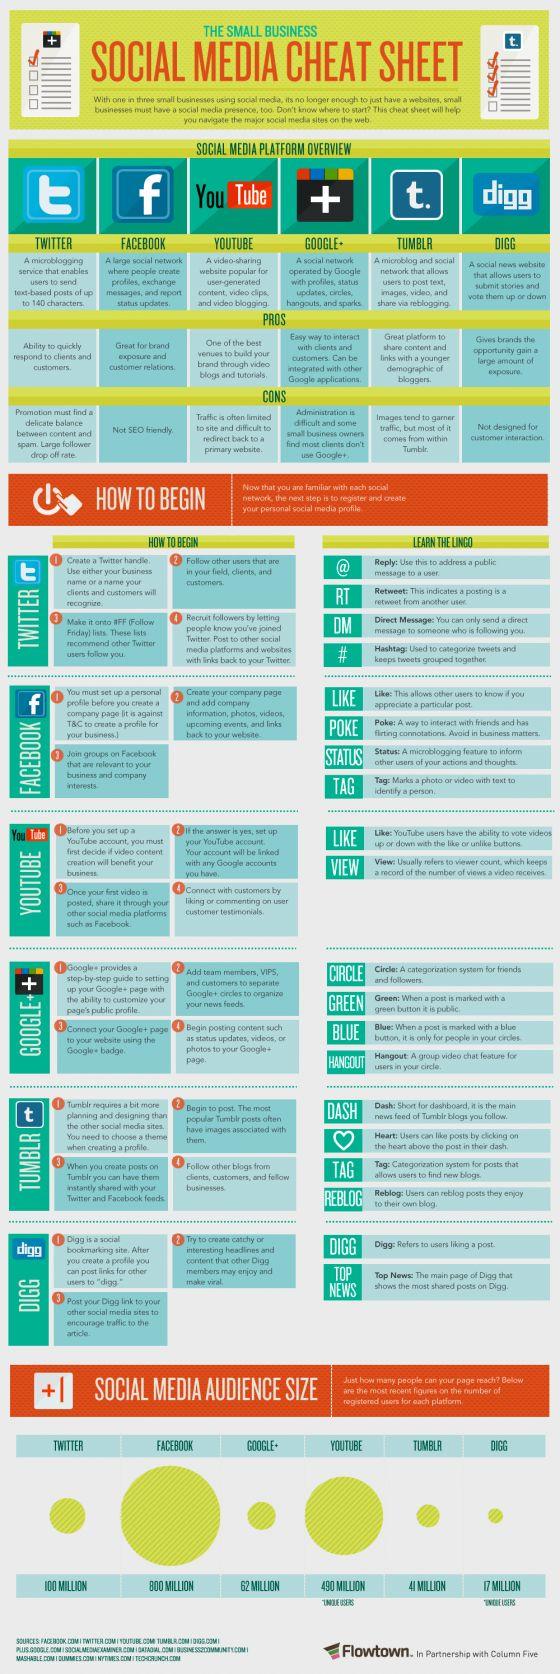 imellado - guía de inicio para Redes Sociales